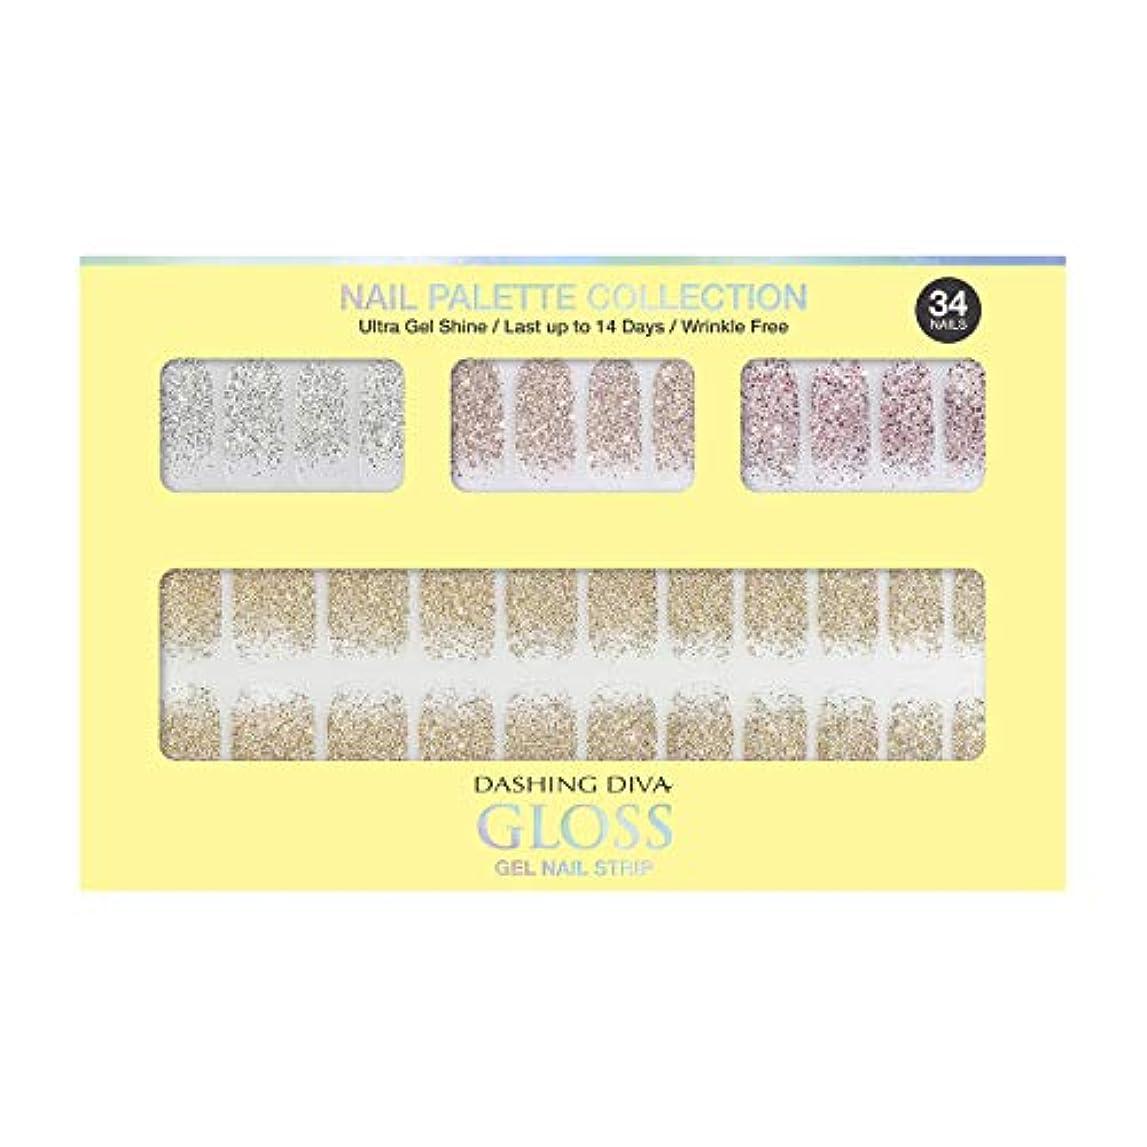 豊かなくしゃみ基礎ダッシングディバ グロスジェル ネイルストリップ DASHING DIVA Gloss Gel Nail Strip DGNP07-DURY+ オリジナルジェル ネイルシール Lemon #07 Sparkling Powder